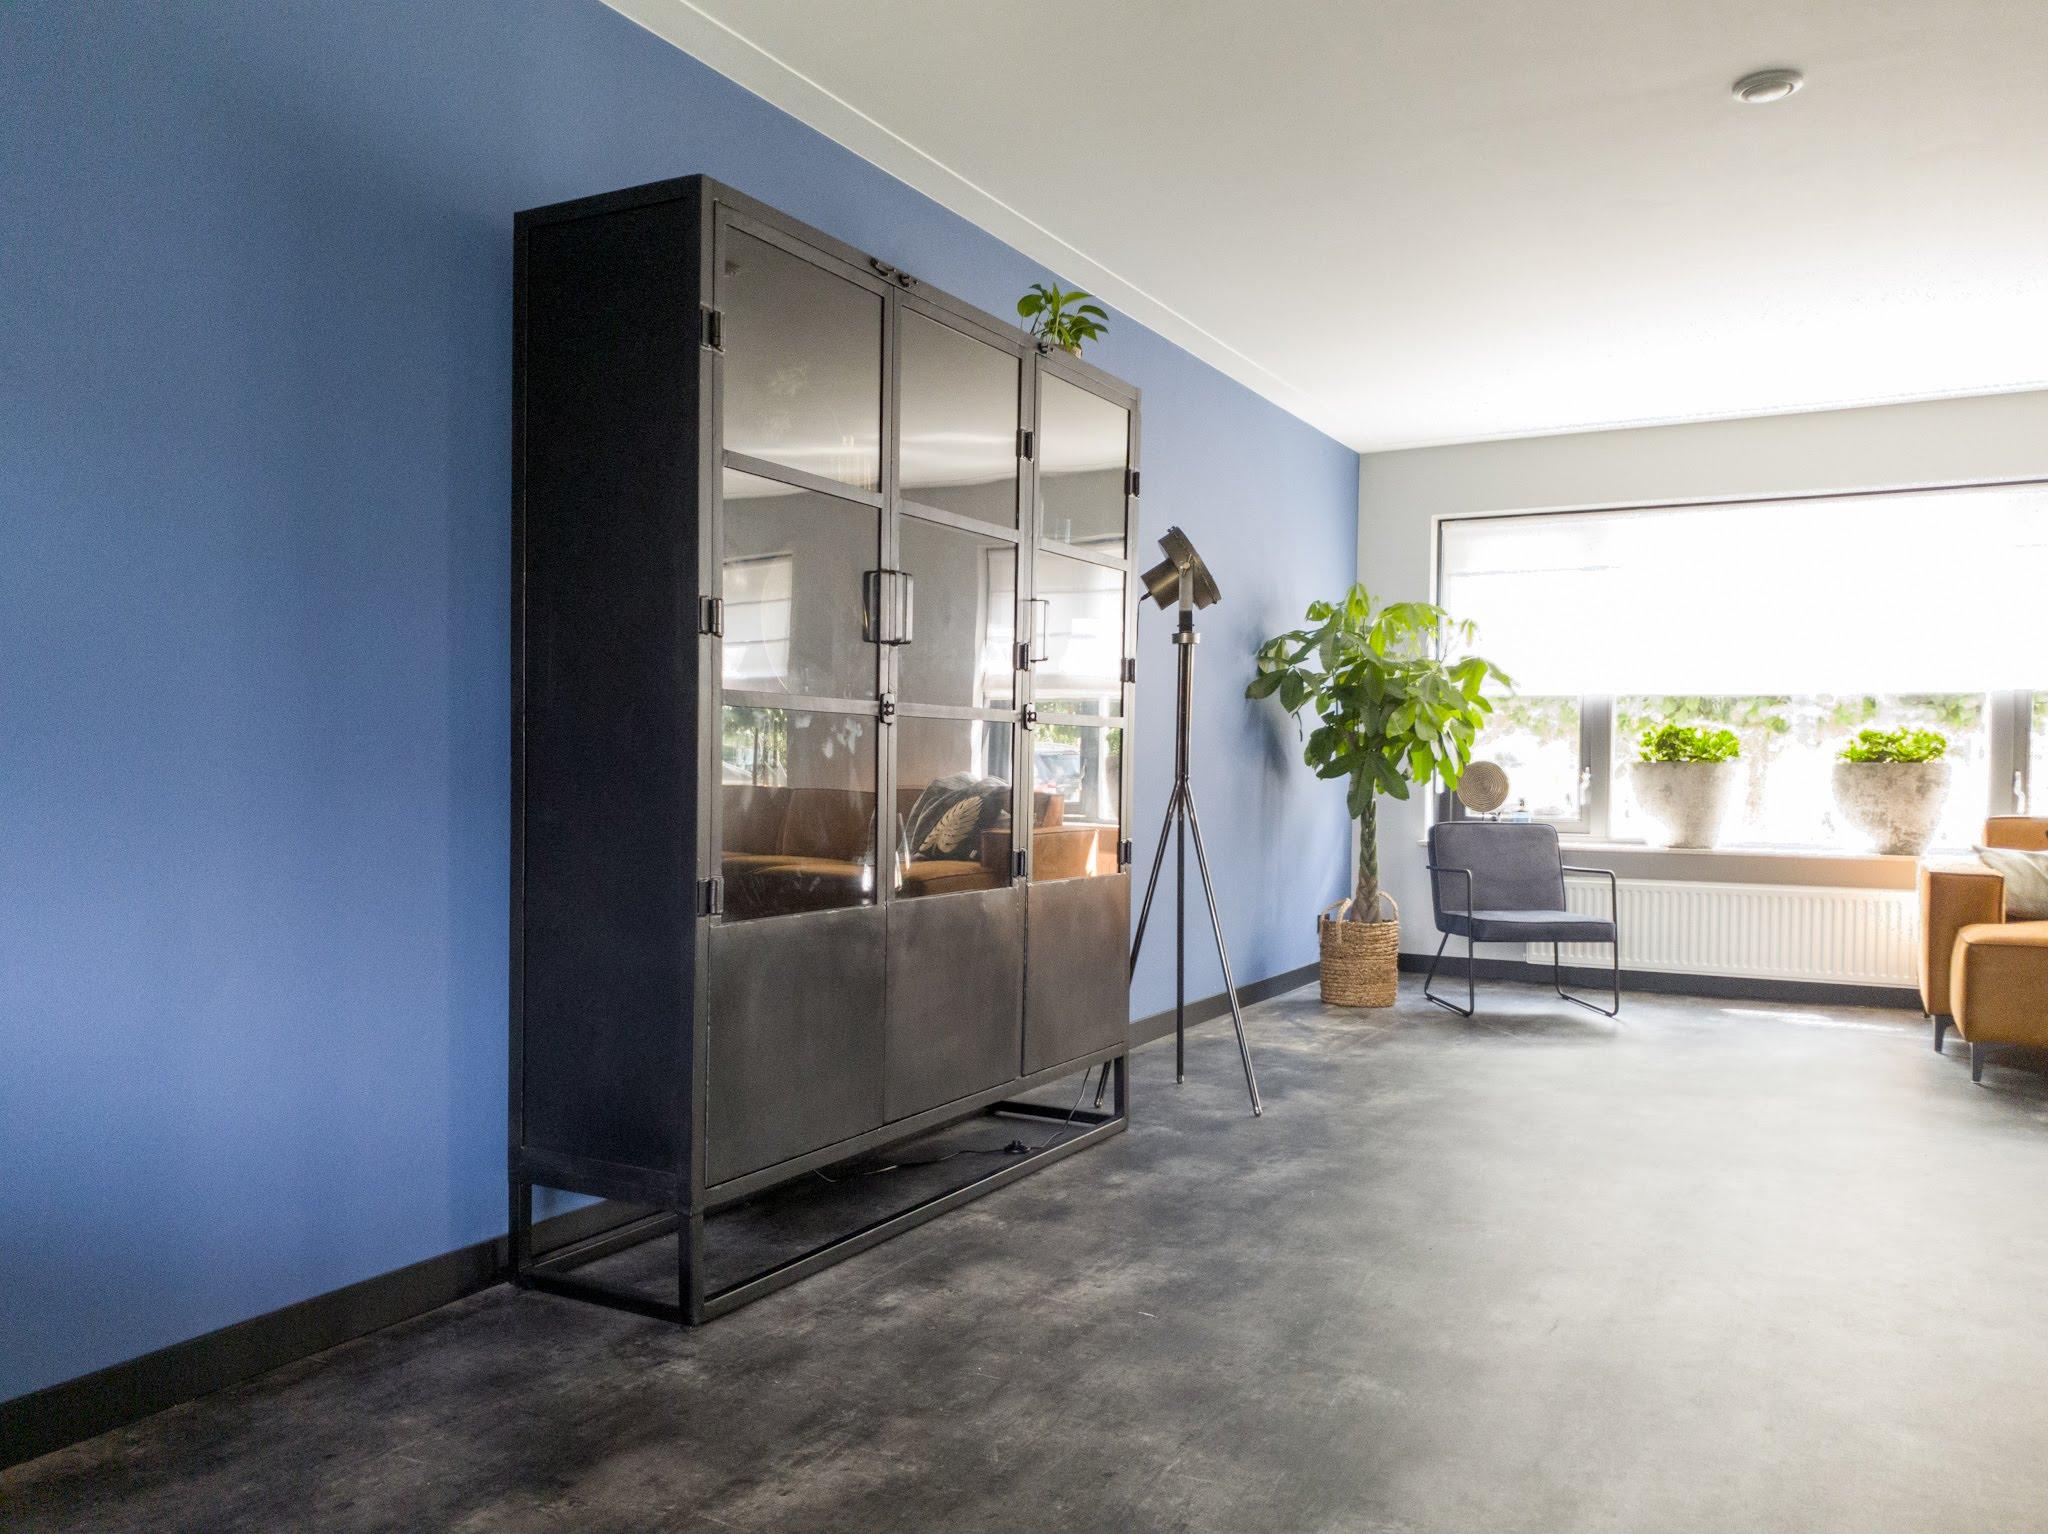 Herinrichting kleuradvies interieurontwerp woonkamer eetkamer cognac zwart blauw (6)